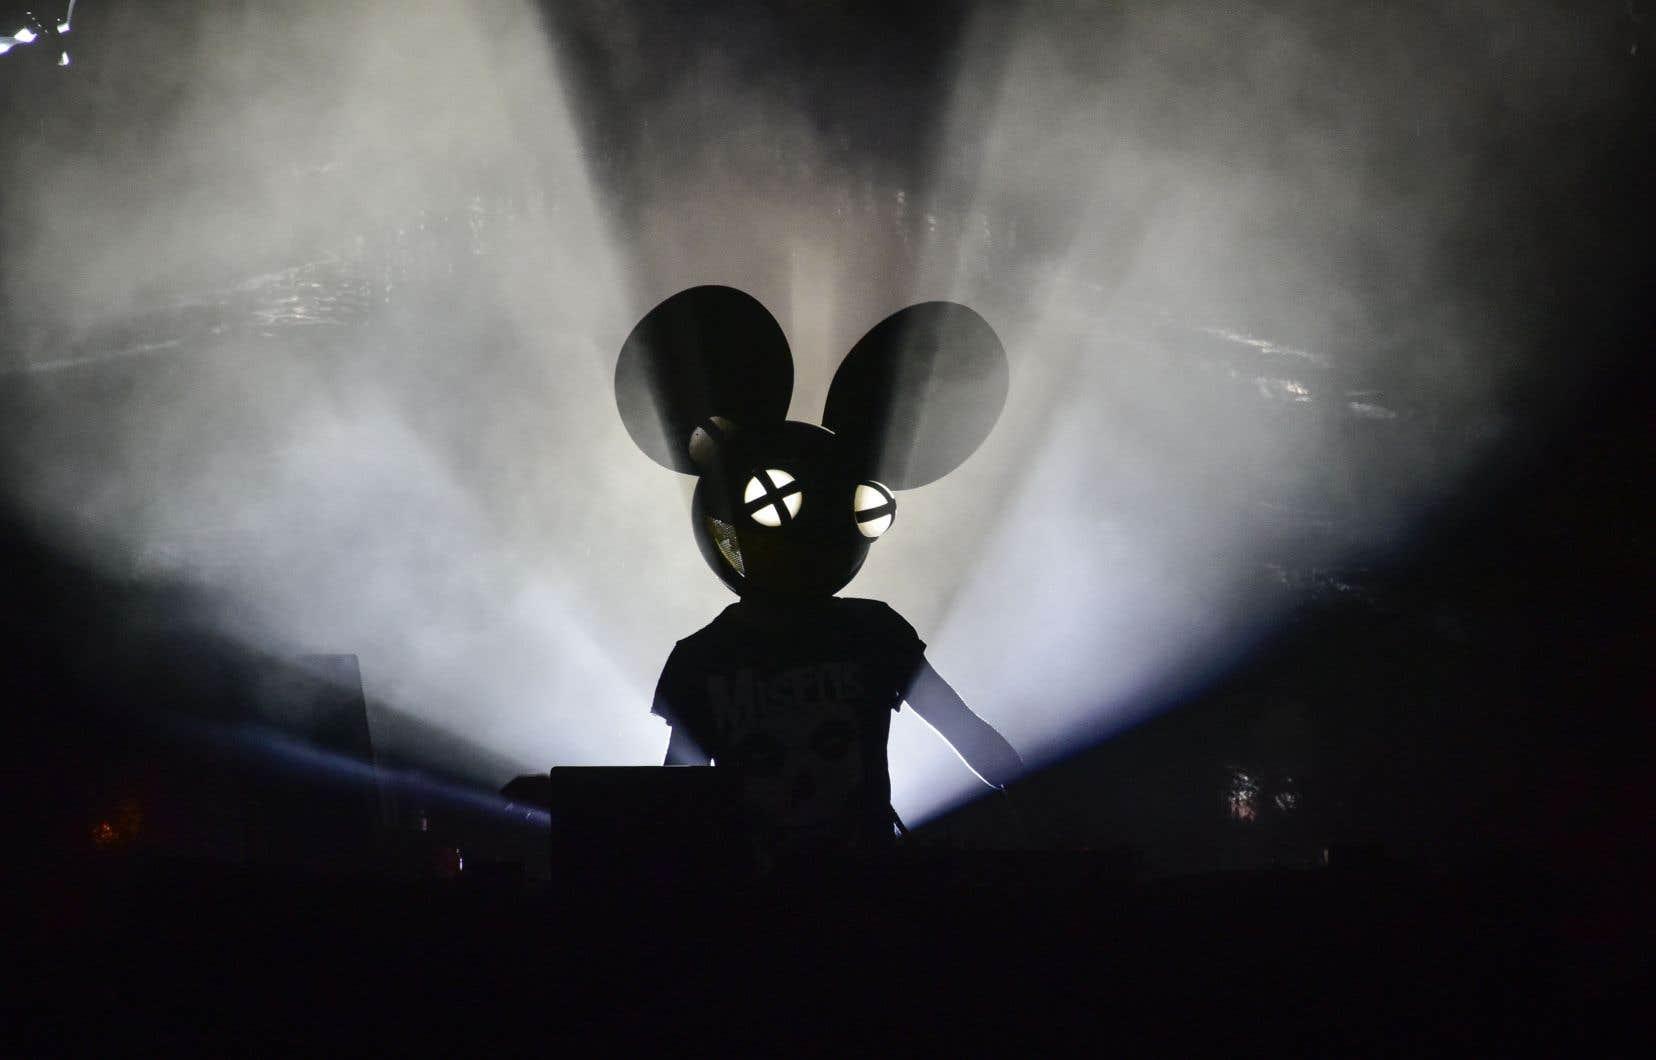 Le compositeur EDM canadien Deadmau5 sera au théâtre Ciné-Parc Royalmount les 18 et 19 septembre.